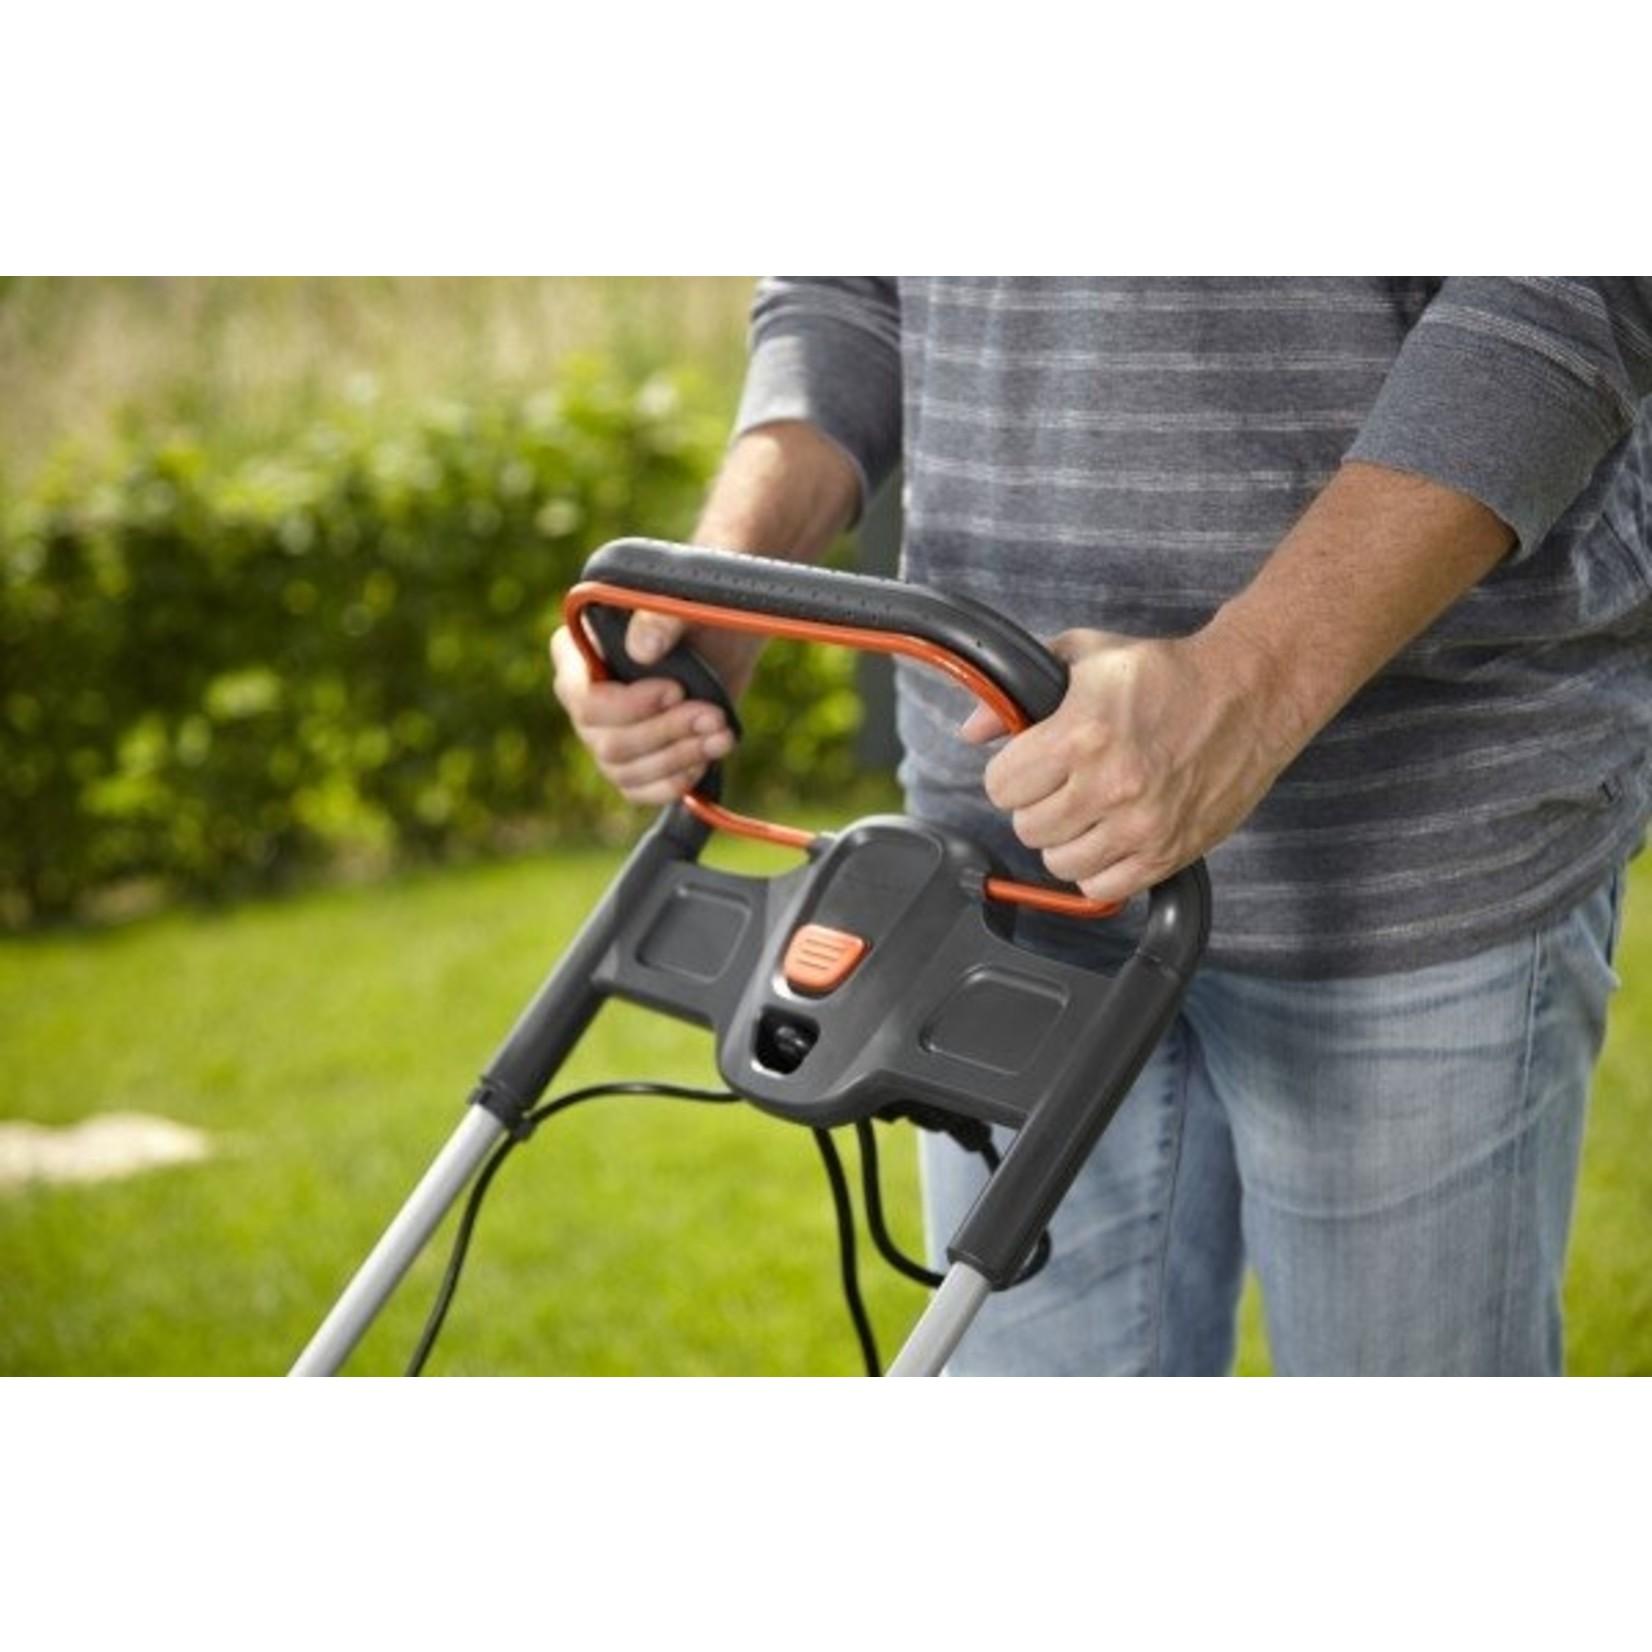 Gardena Gardena Elektrische grasmaaier powermax 34